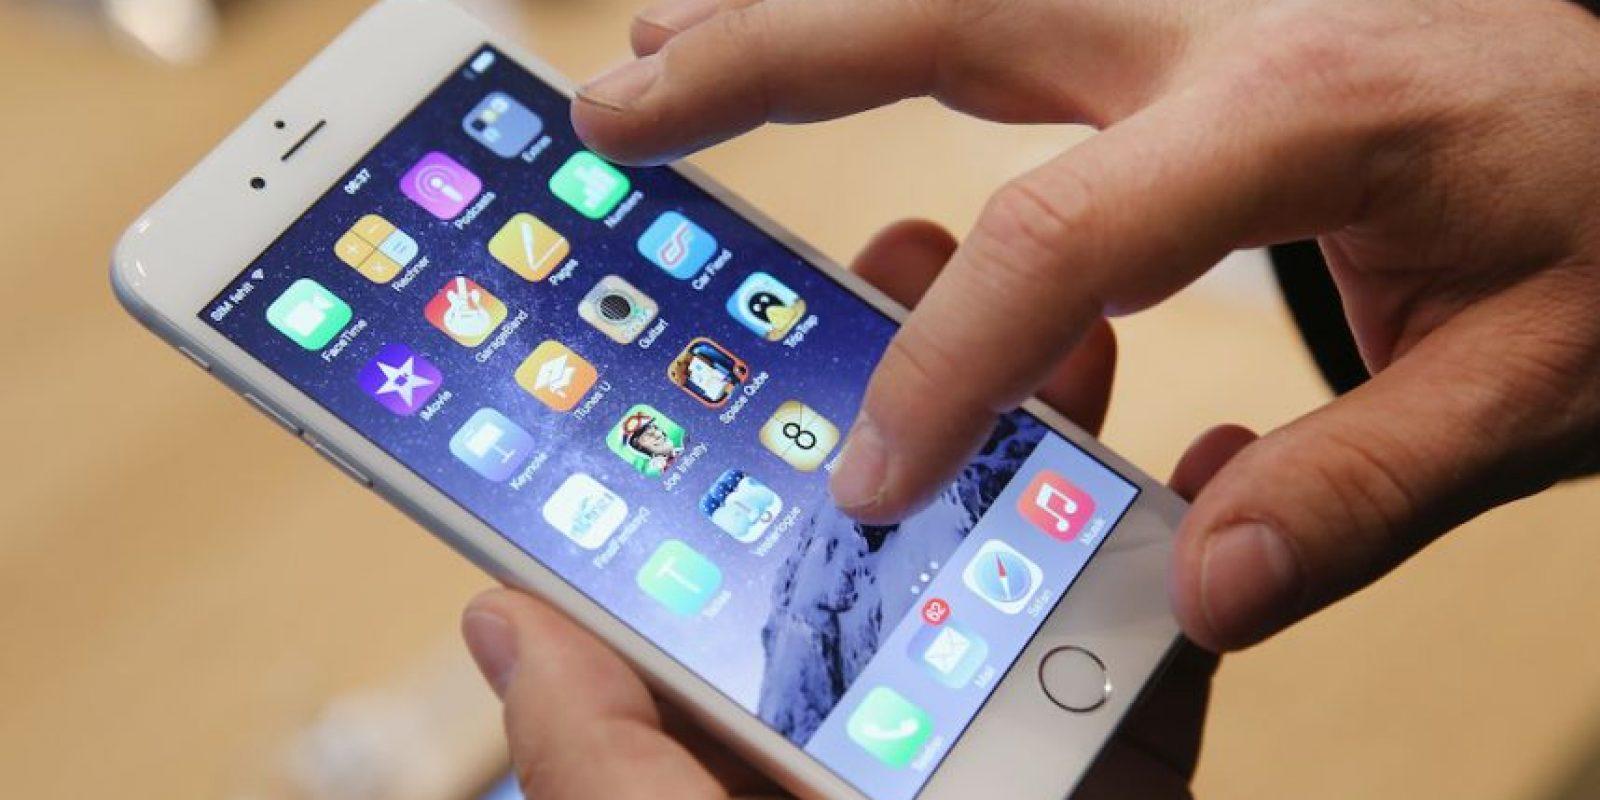 Ya no es necesario conectar el iPhone al USB del automóvil para controlar el radio, además de que la interfaz permite realizar comandos desde el smartphone para que sean procesadas en el vehículo. Foto:Getty Images